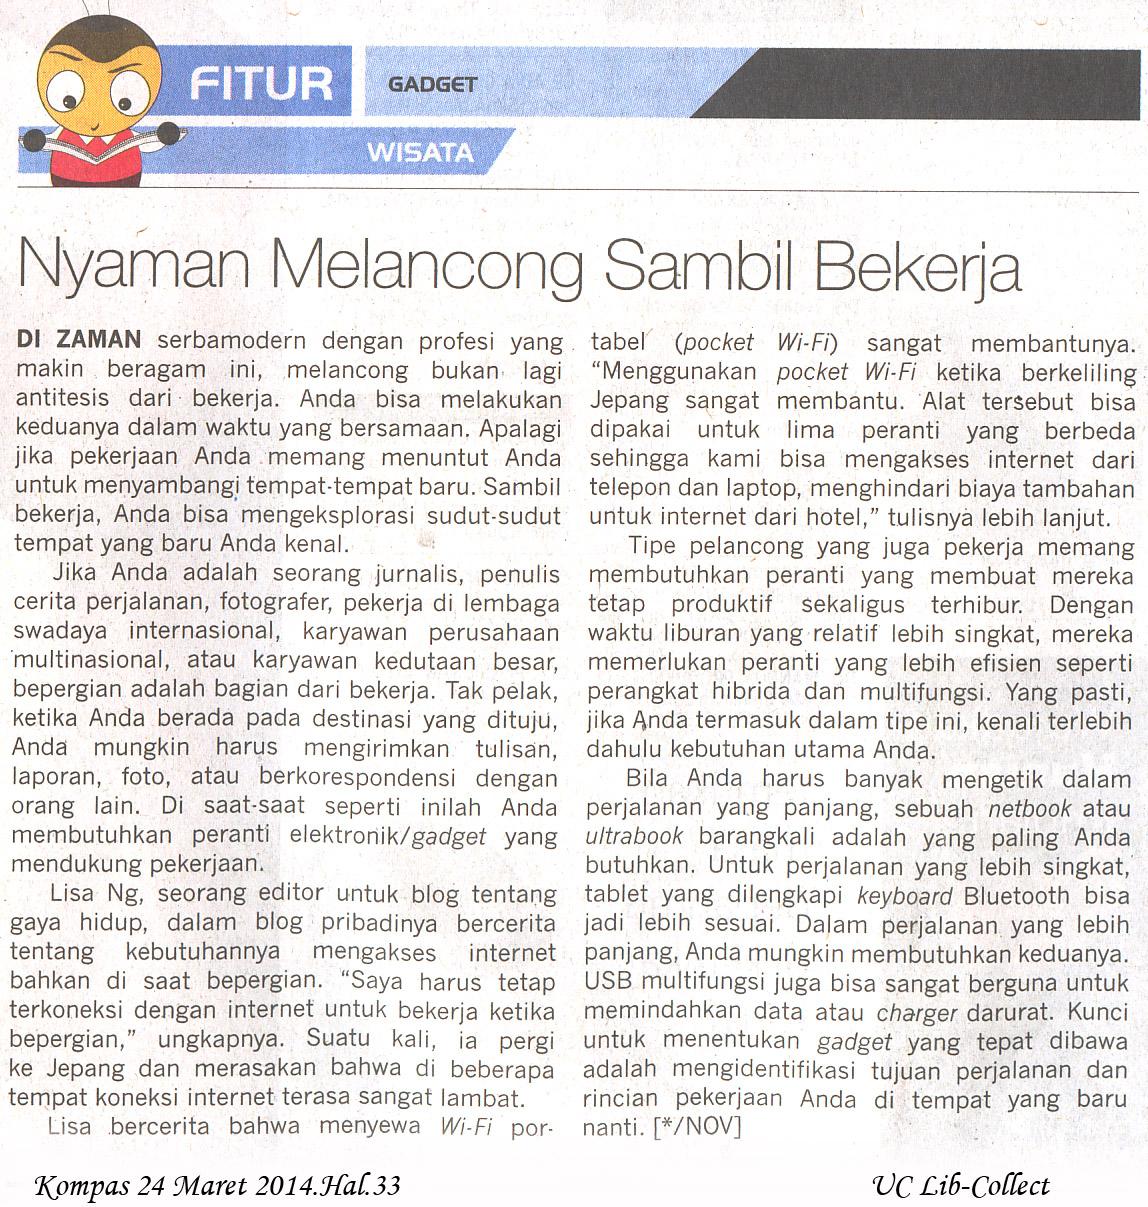 Nyaman Melancong Sambil Bekerja.Kompas 24 Maret 2014.Hal.33